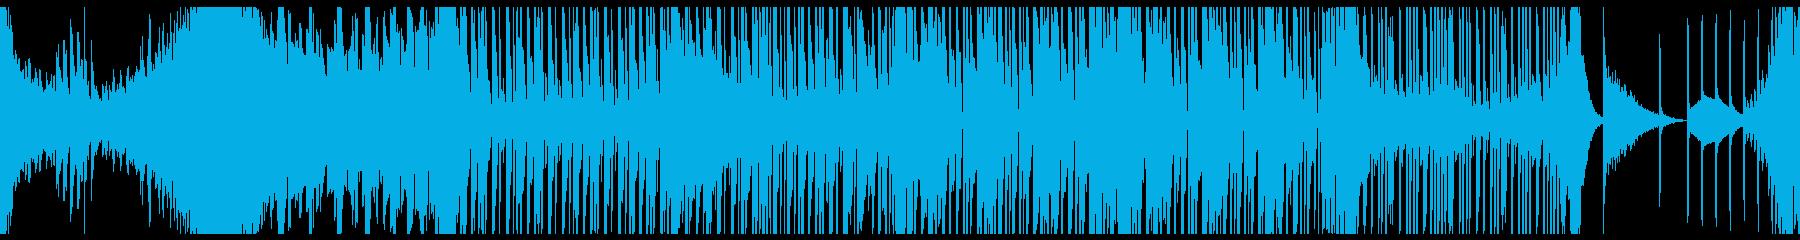 トランス、EDM系のBGMループ音楽の再生済みの波形